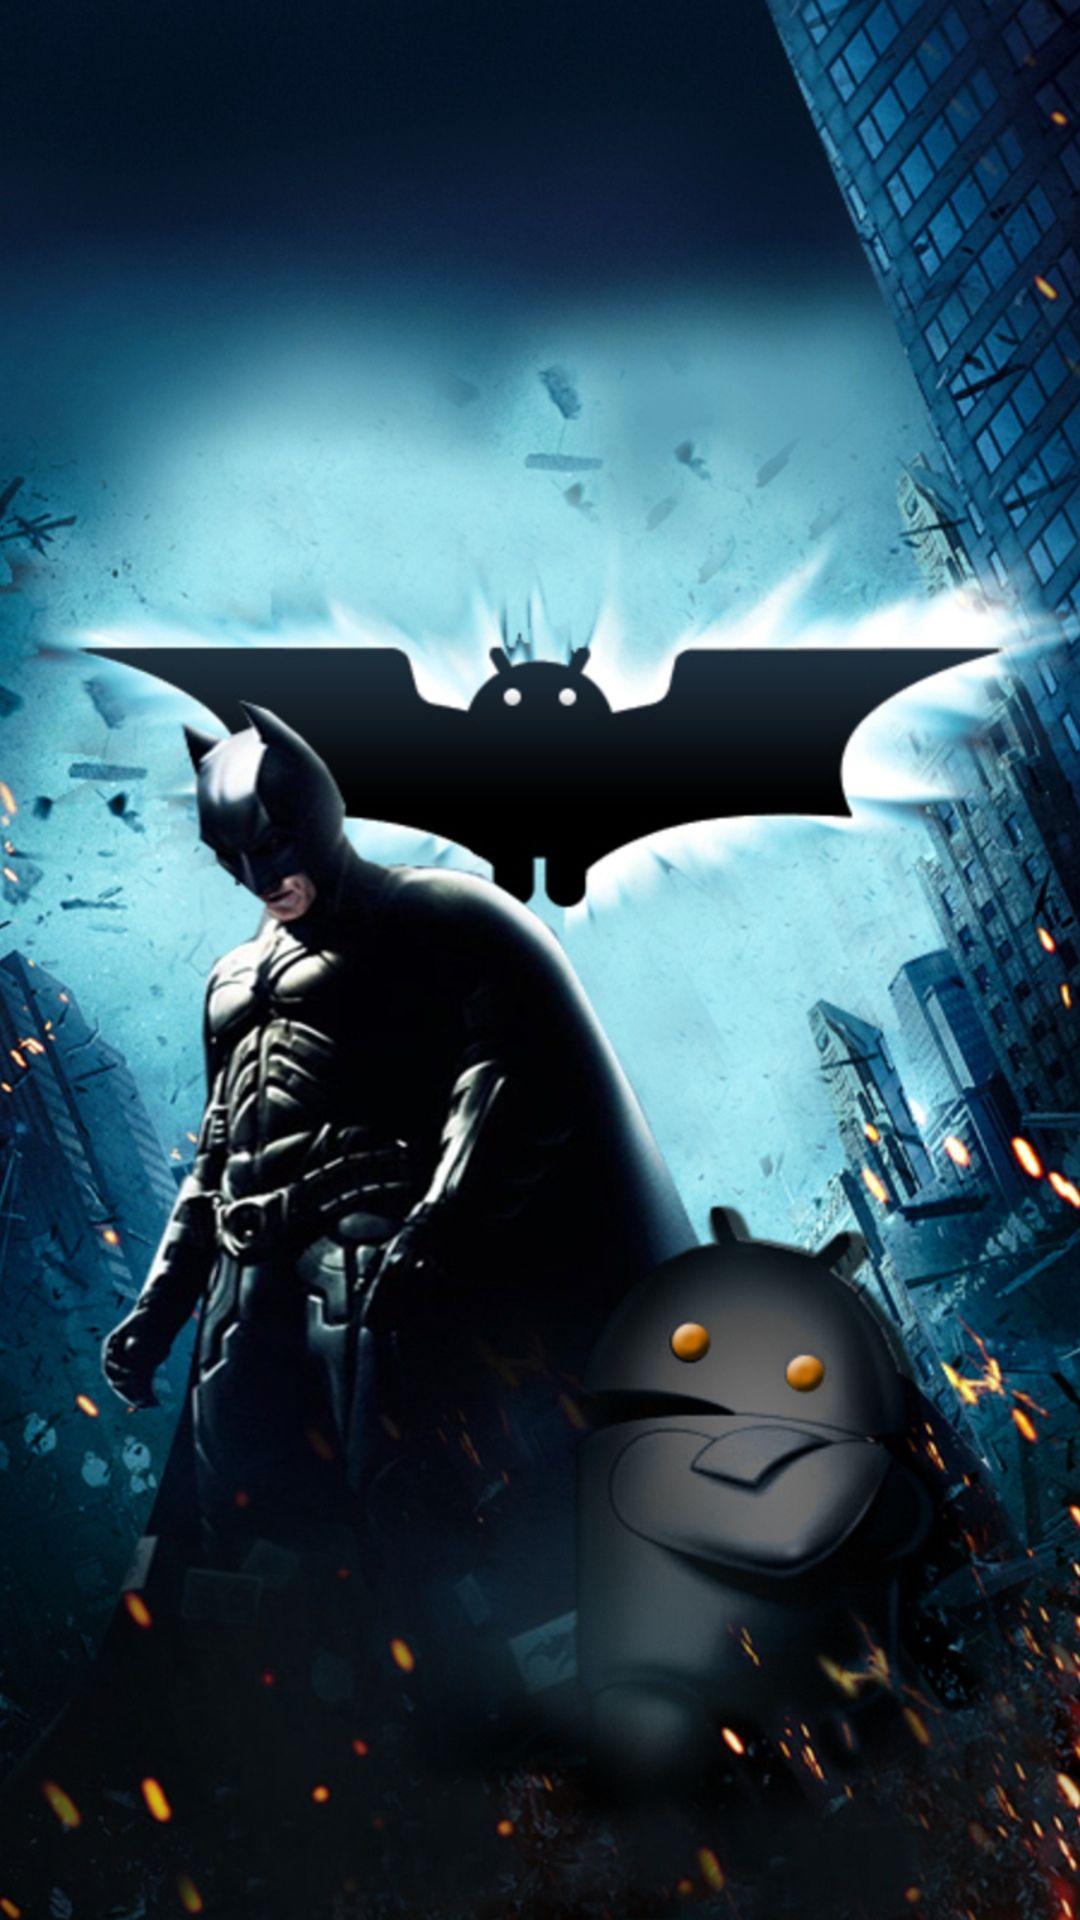 Pin de Debora Silva em Best of Android Gotham, Batman